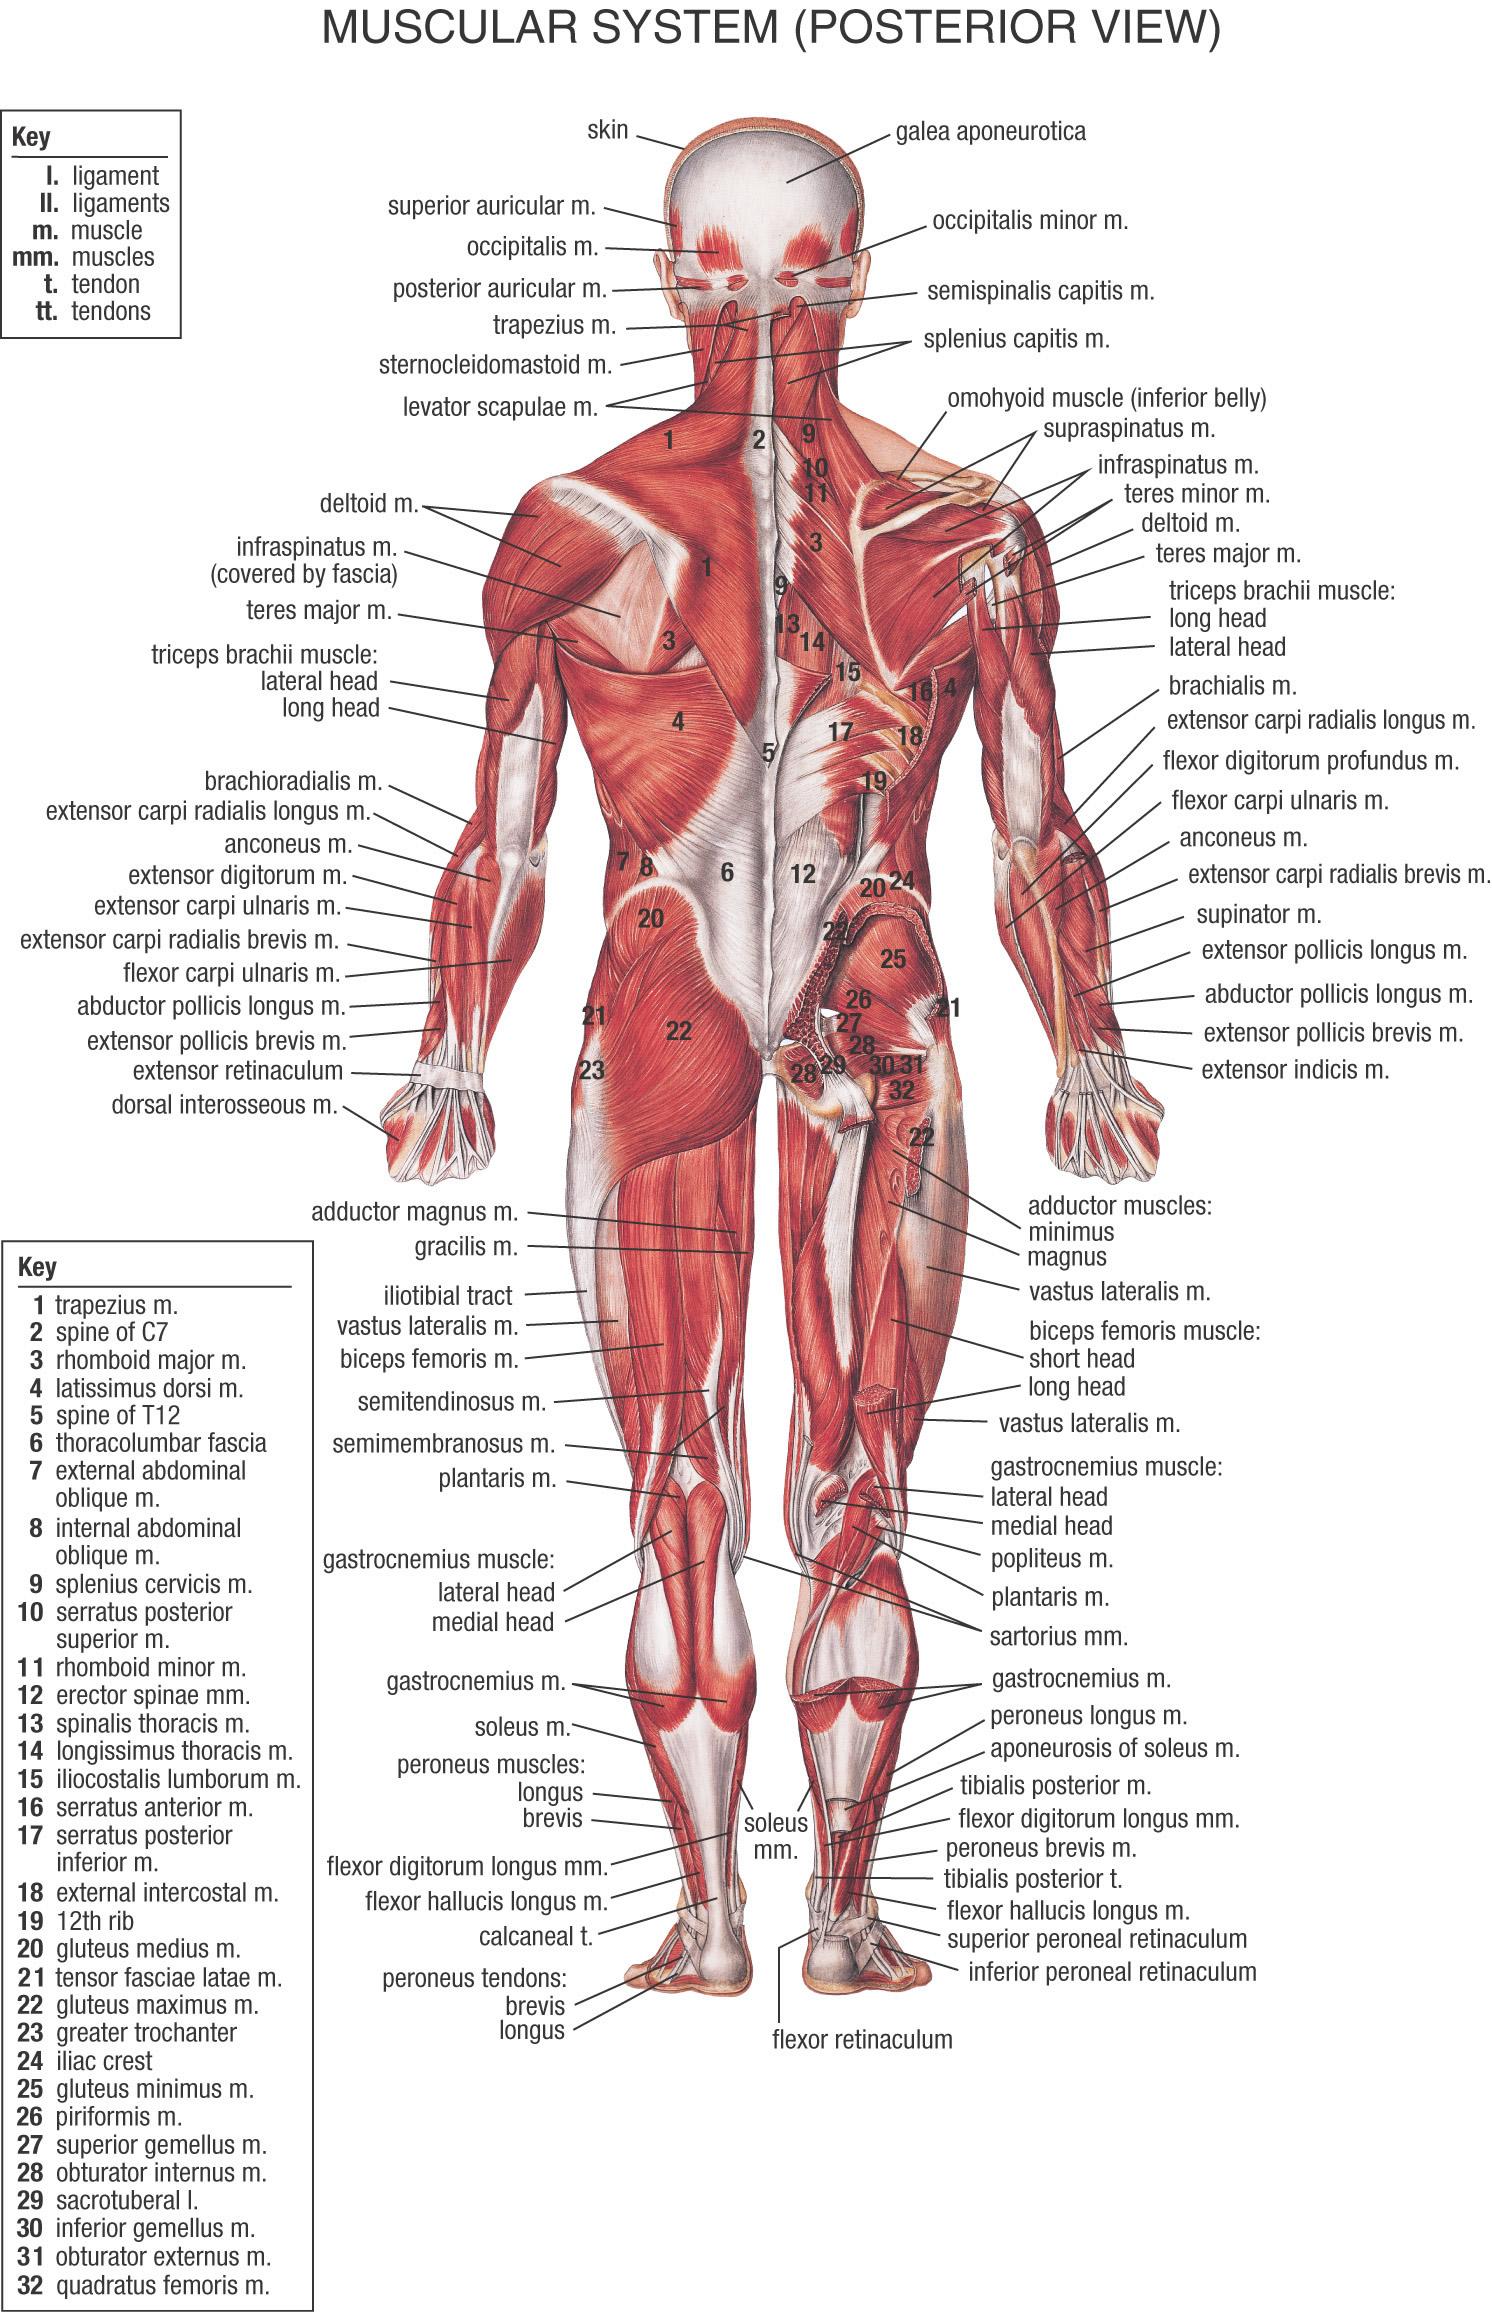 Wunderbar Bild Muskelsystem Bilder - Menschliche Anatomie Bilder ...